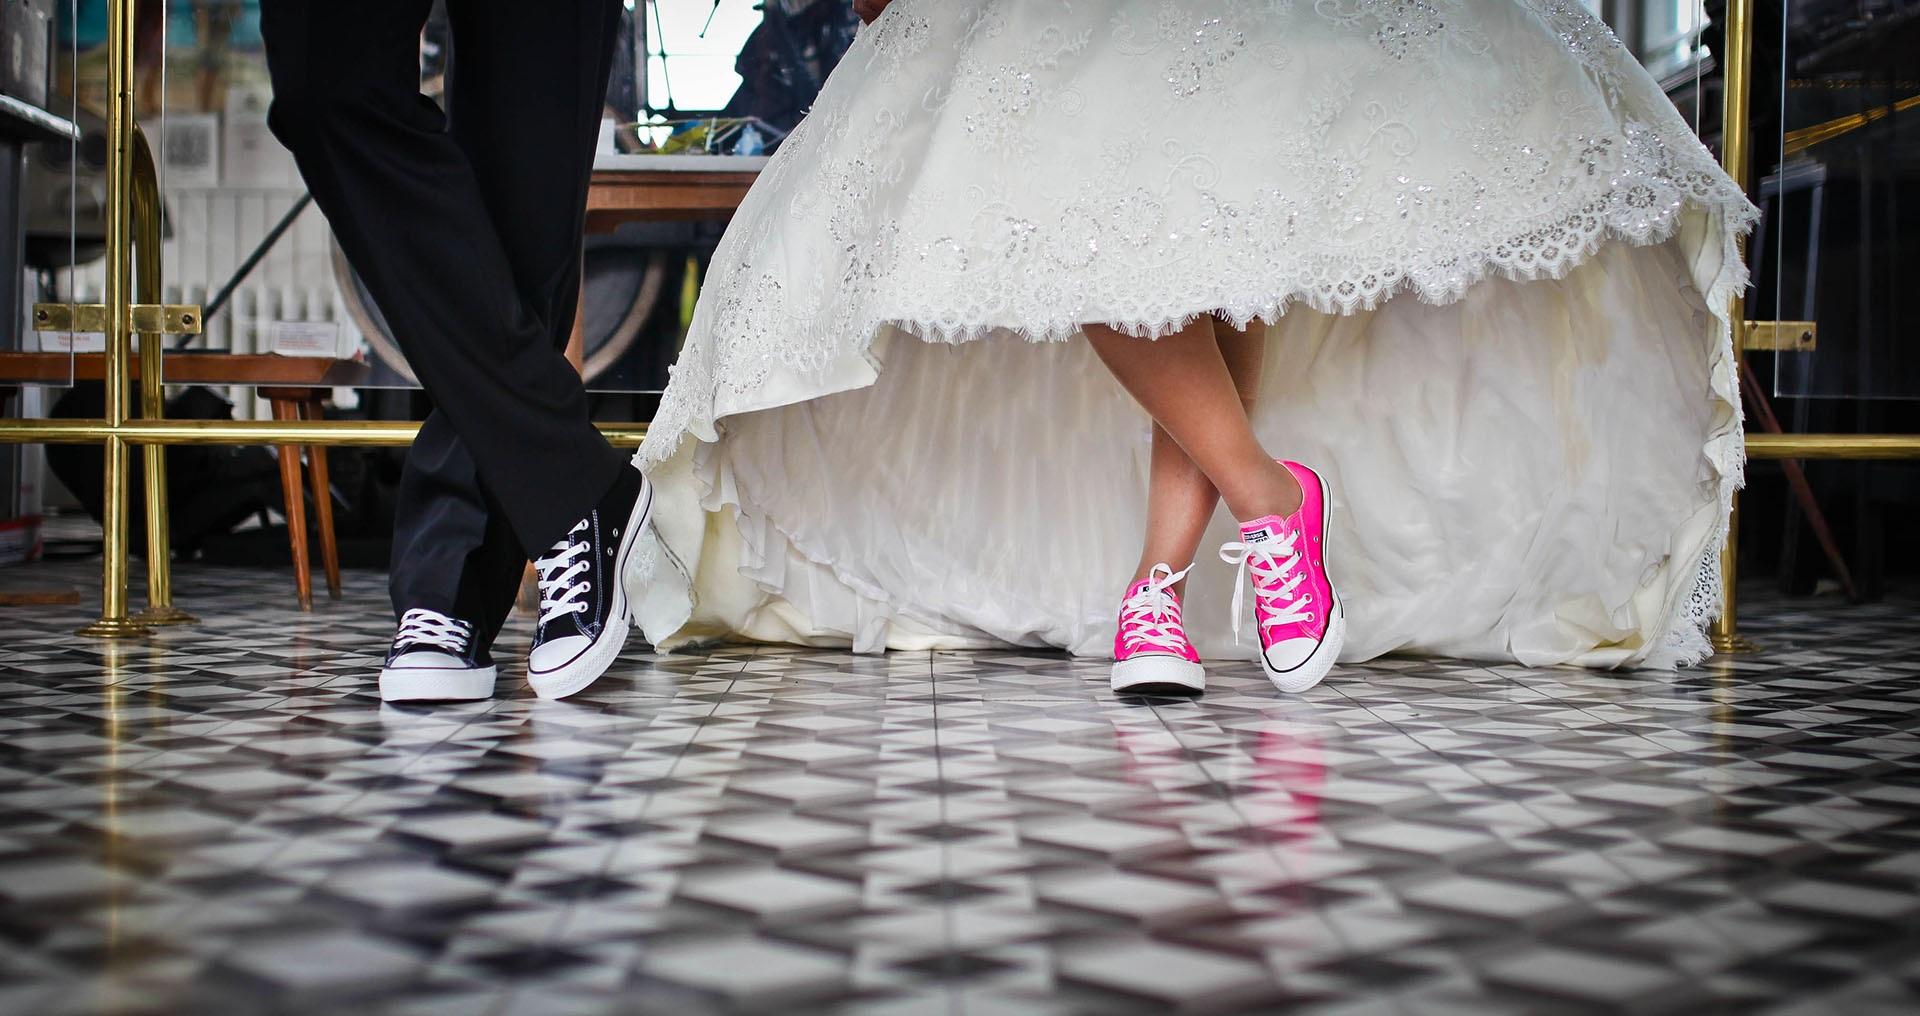 7 unique wedding pose ideas dee garone photography